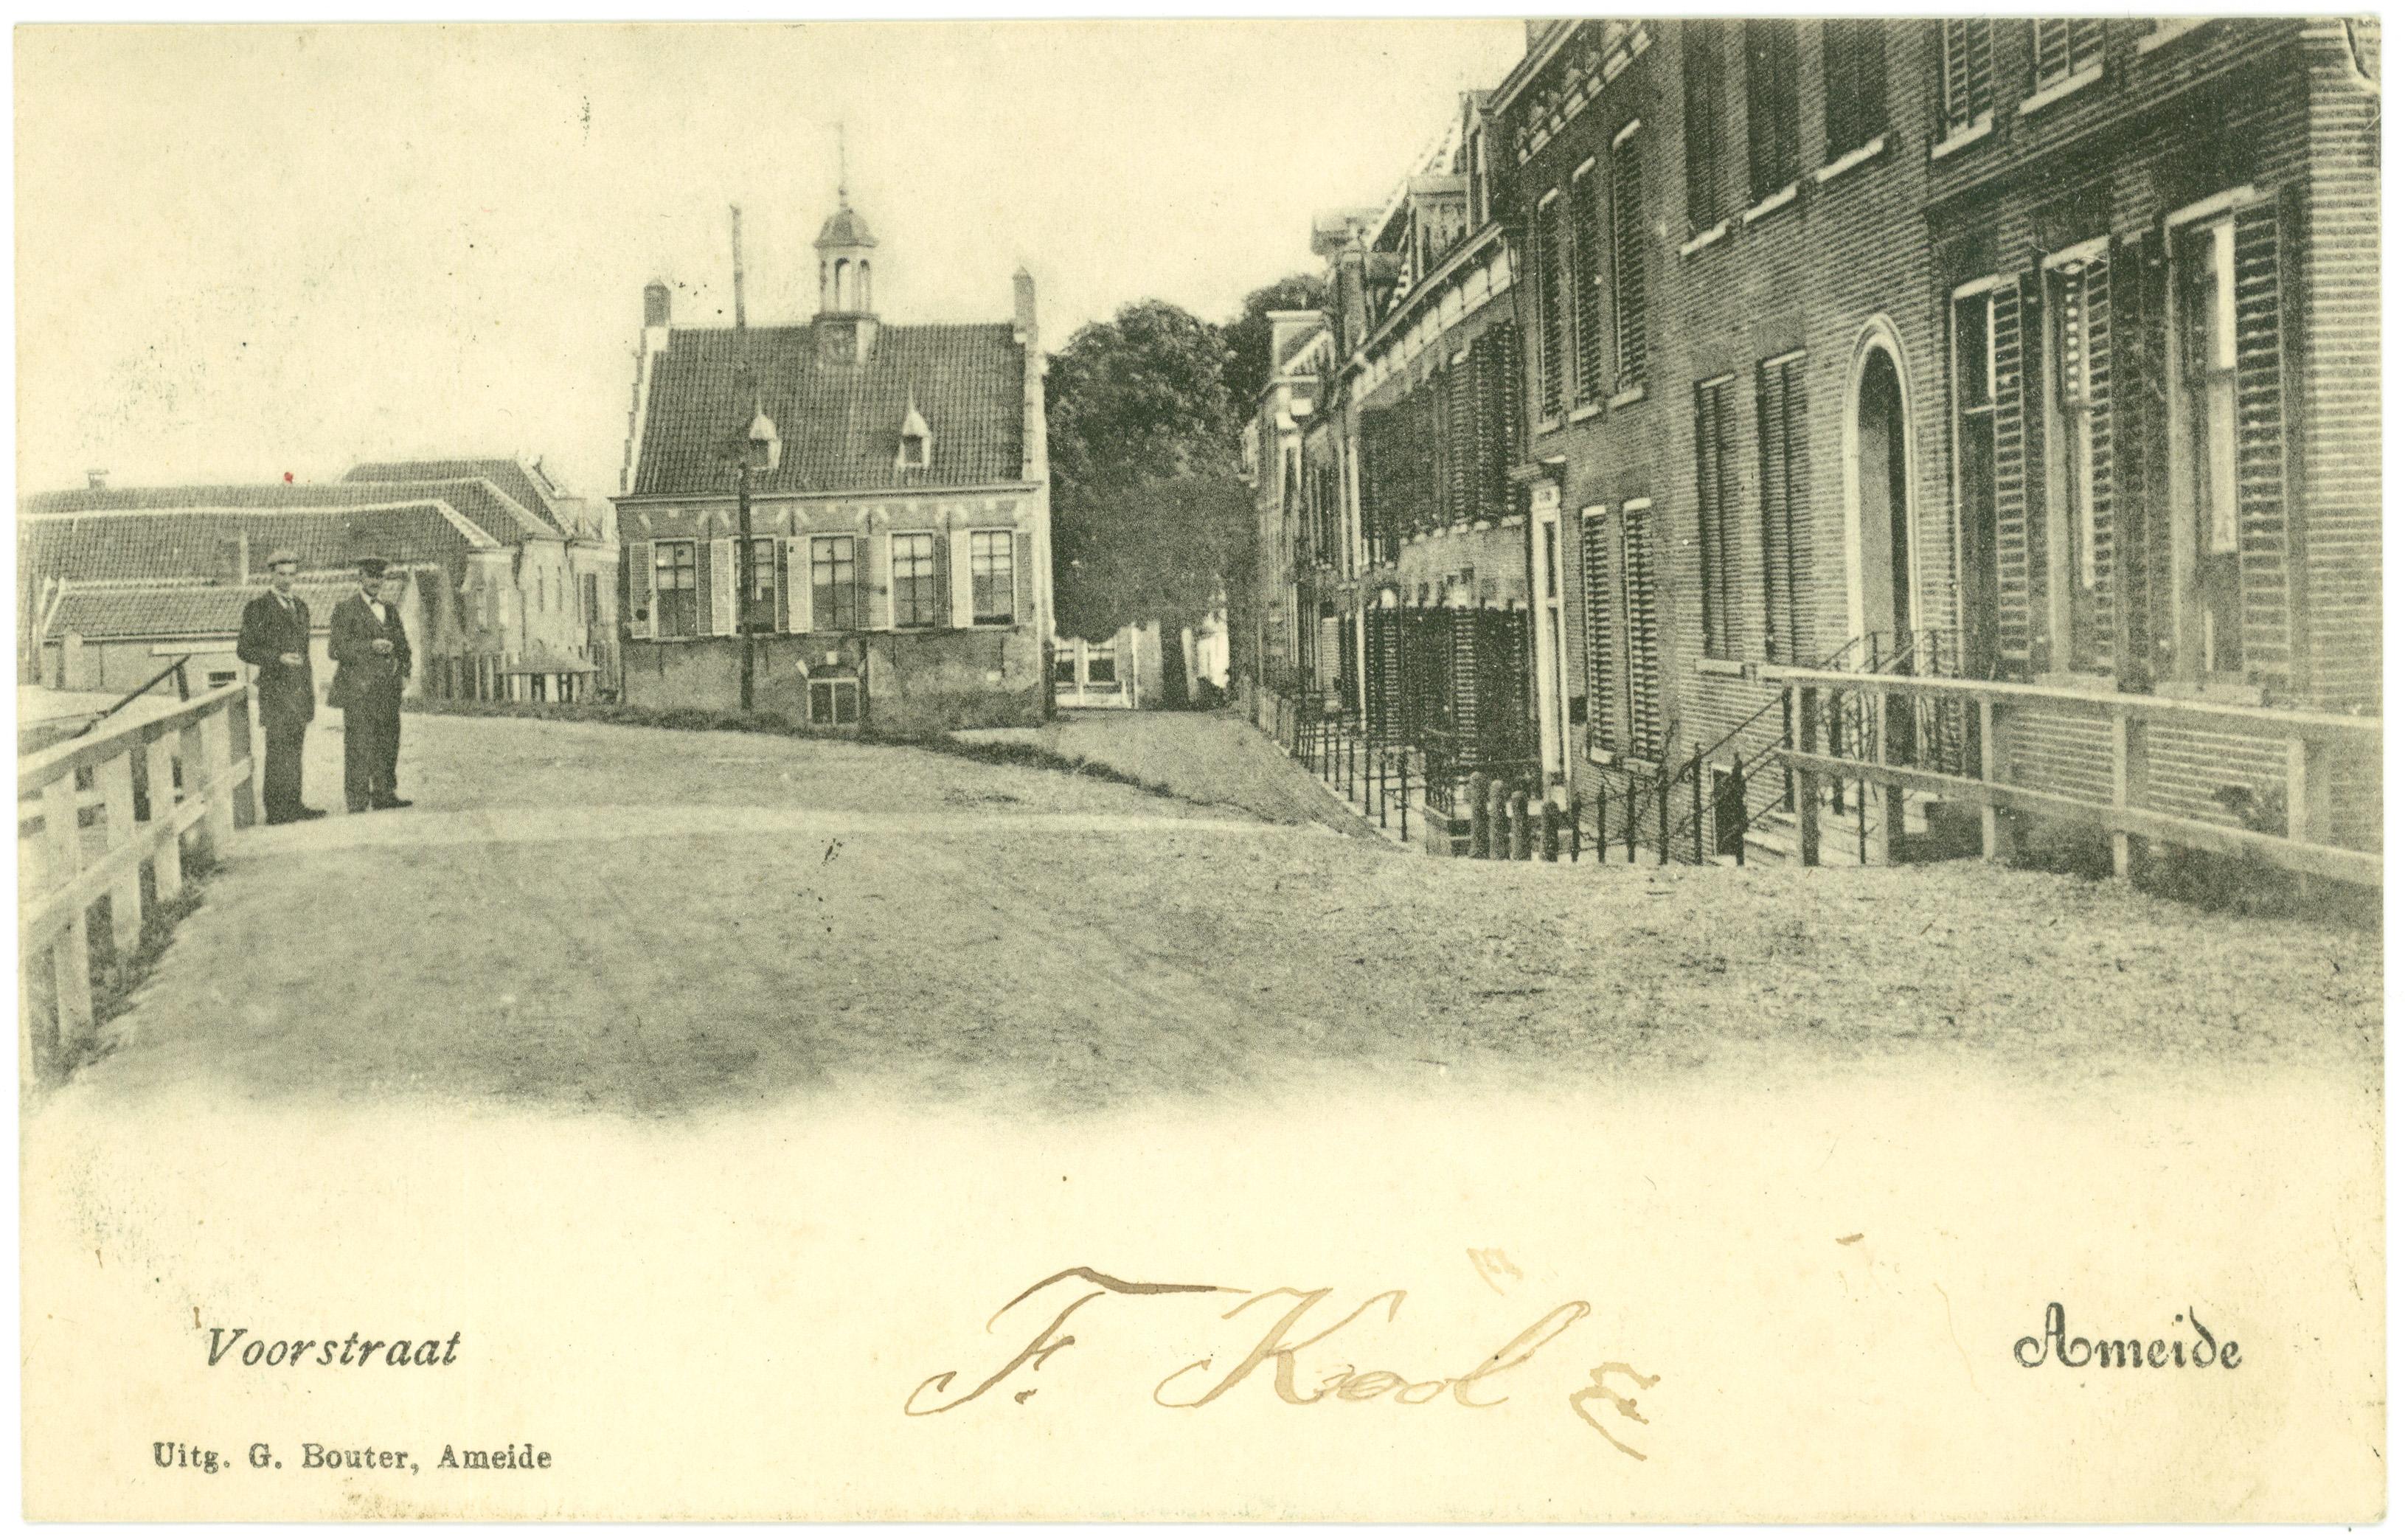 Voorstraat 01